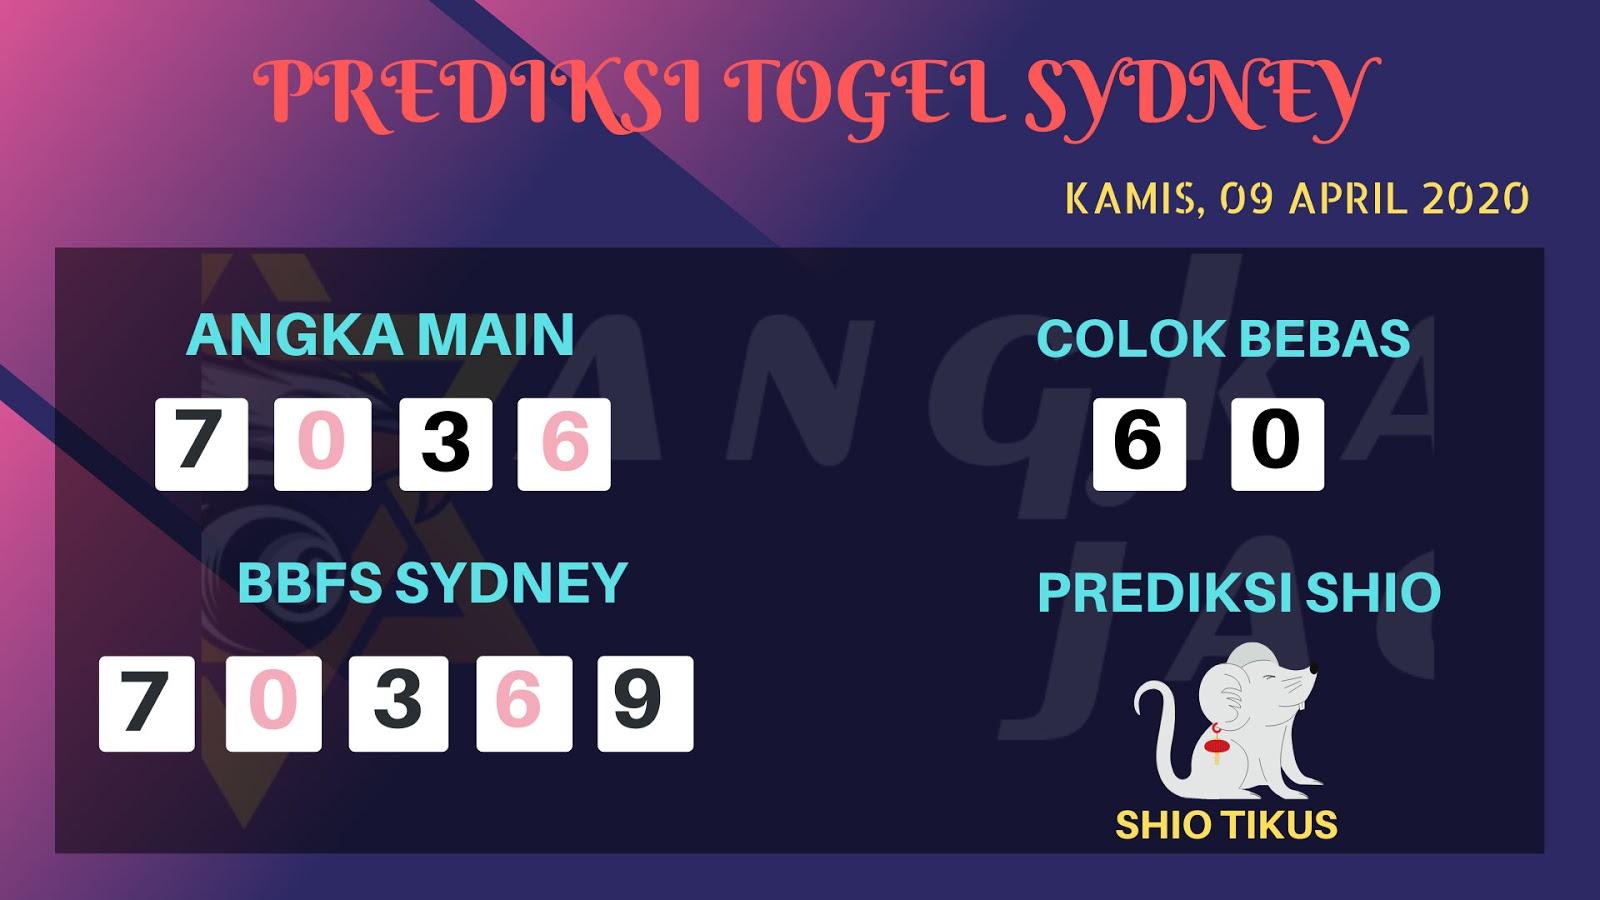 Prediksi Togel Sidney Kamis 09 April 2020 - Prediksi Angka Sidney